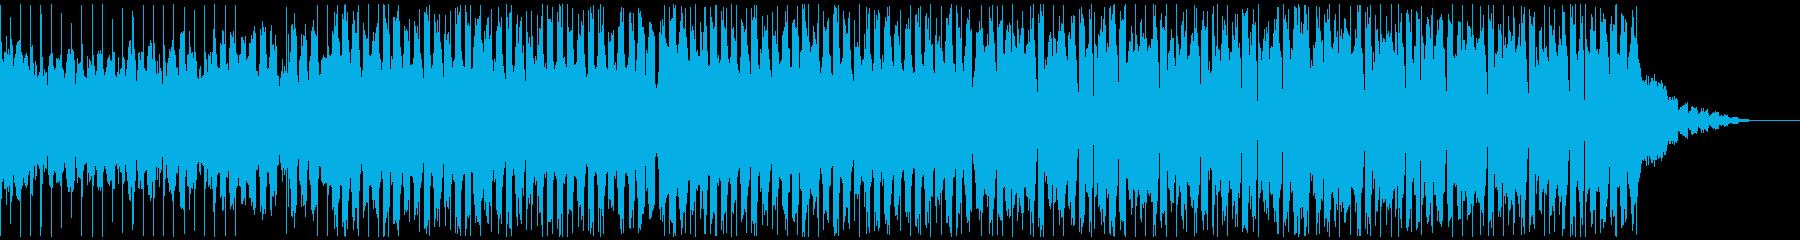 かっこいいEDMの再生済みの波形